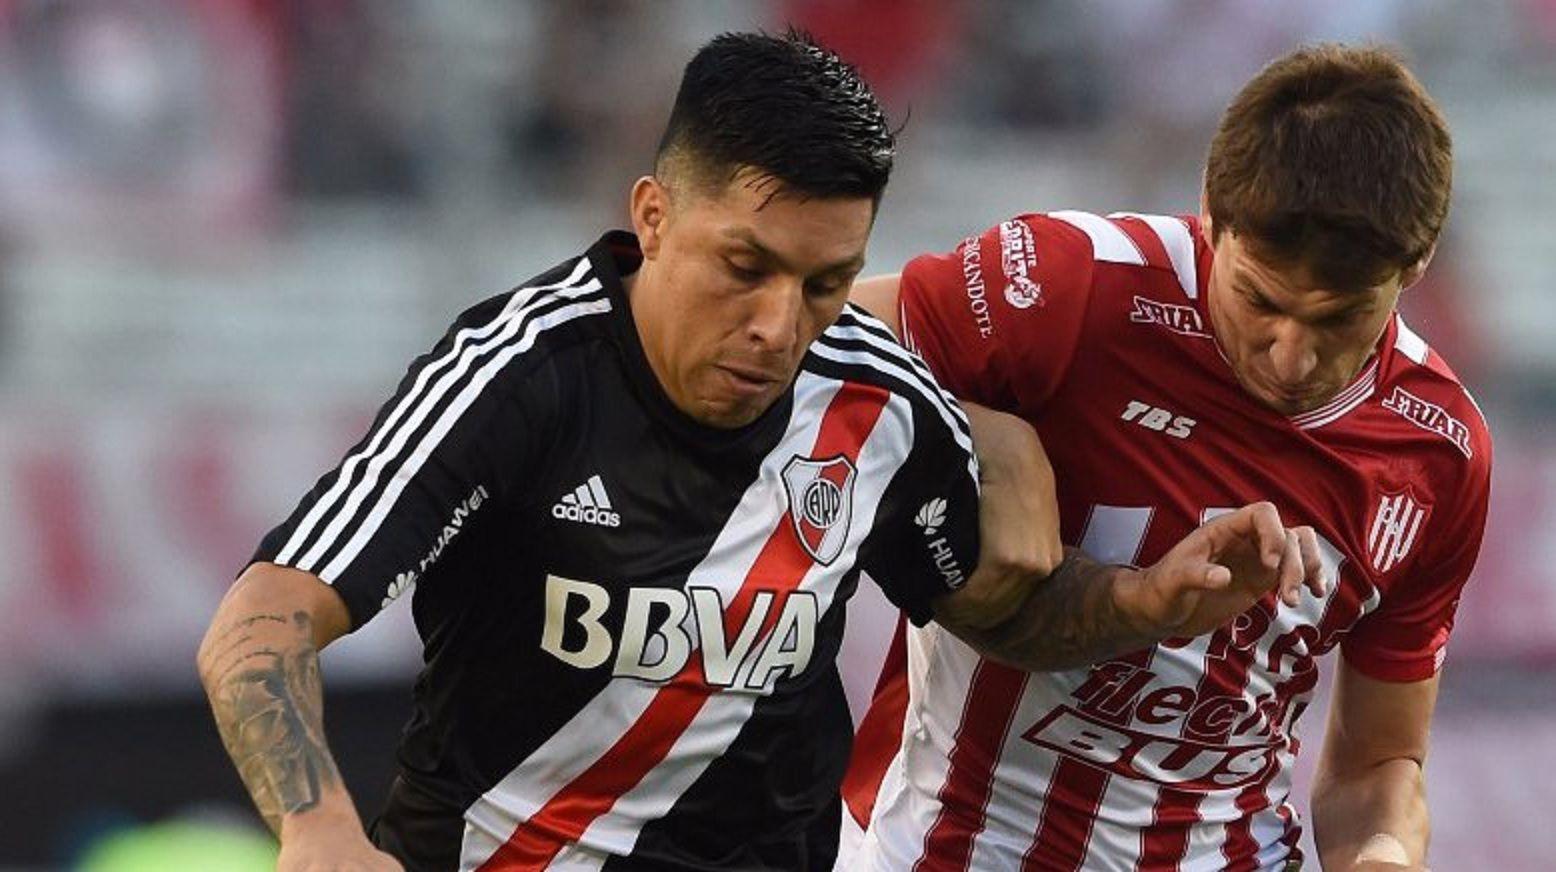 River vs. Newells por la 10º fecha de la Superliga: cómo ver el partido online